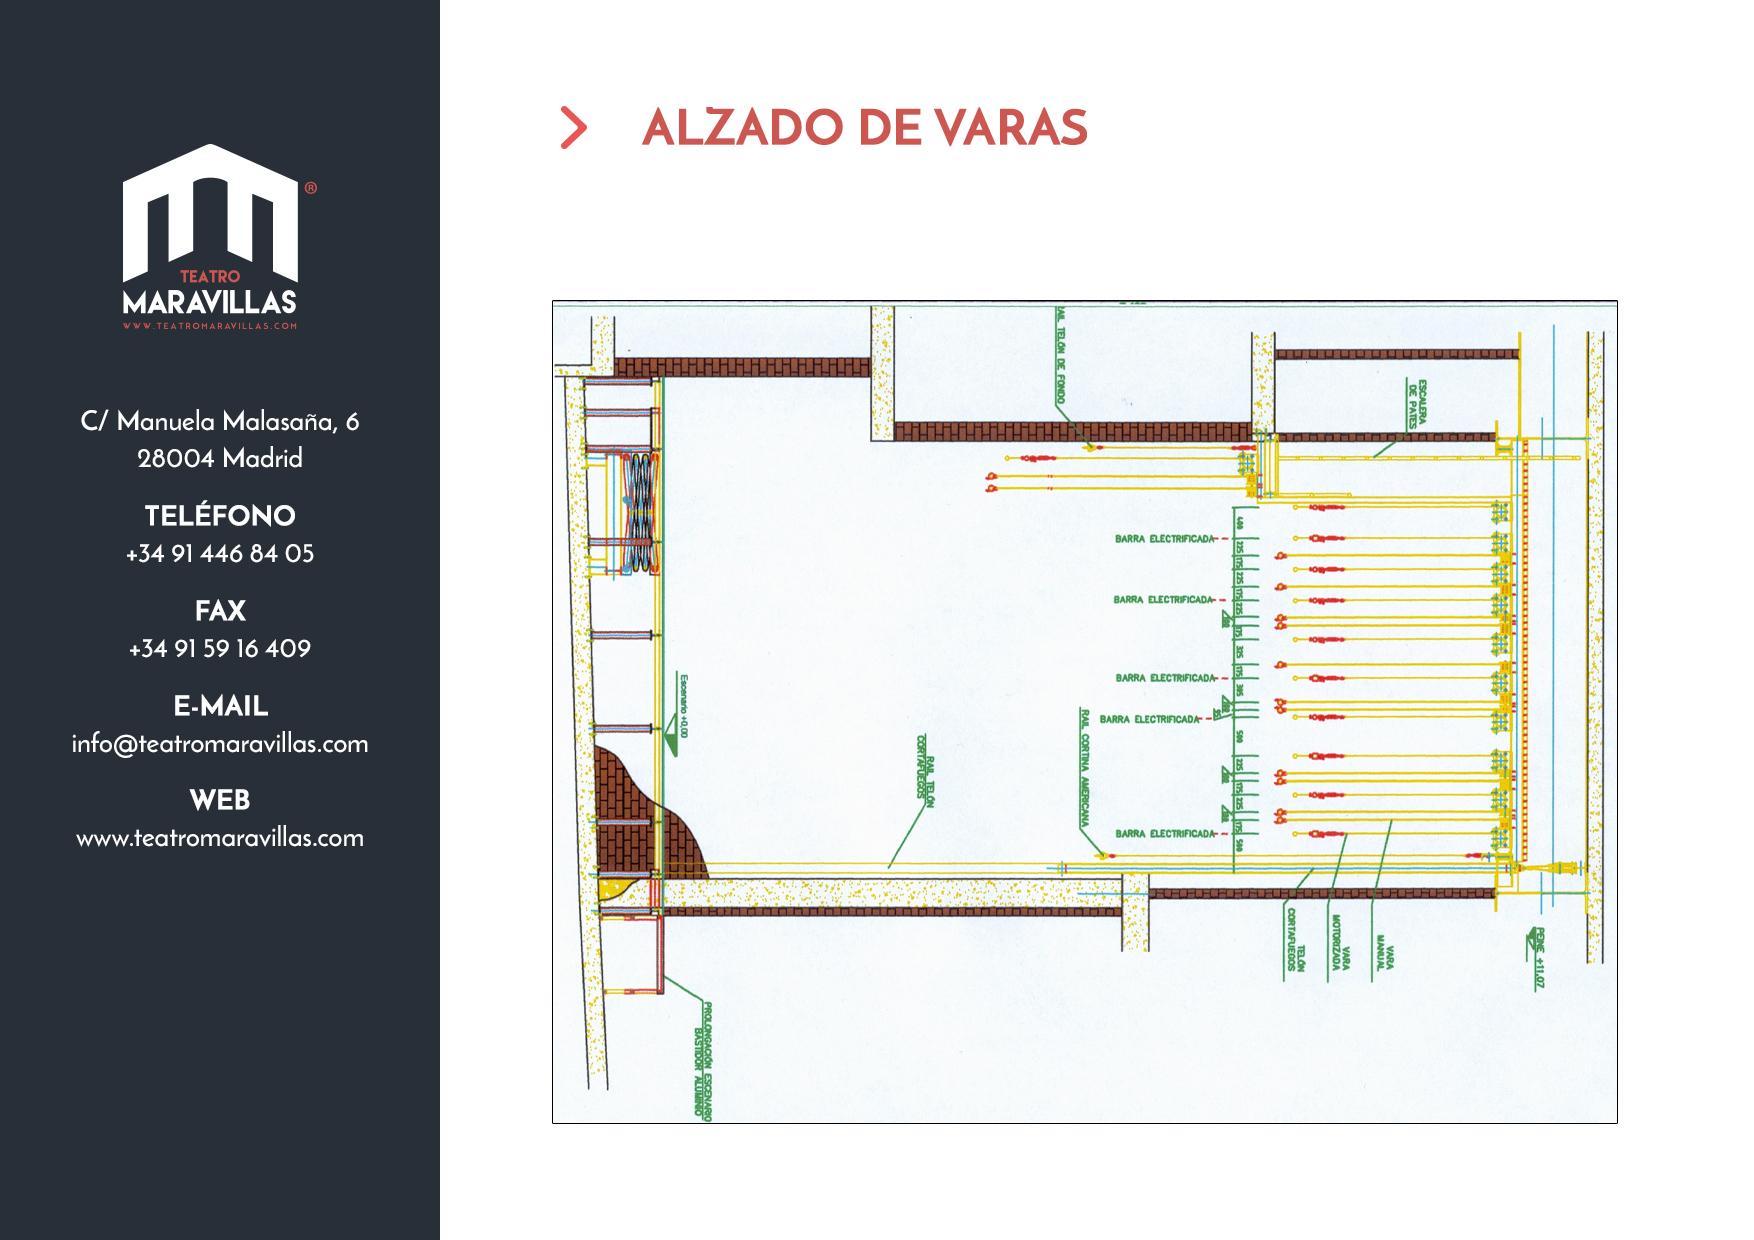 Ficha Técnica del Teatro Maravillas